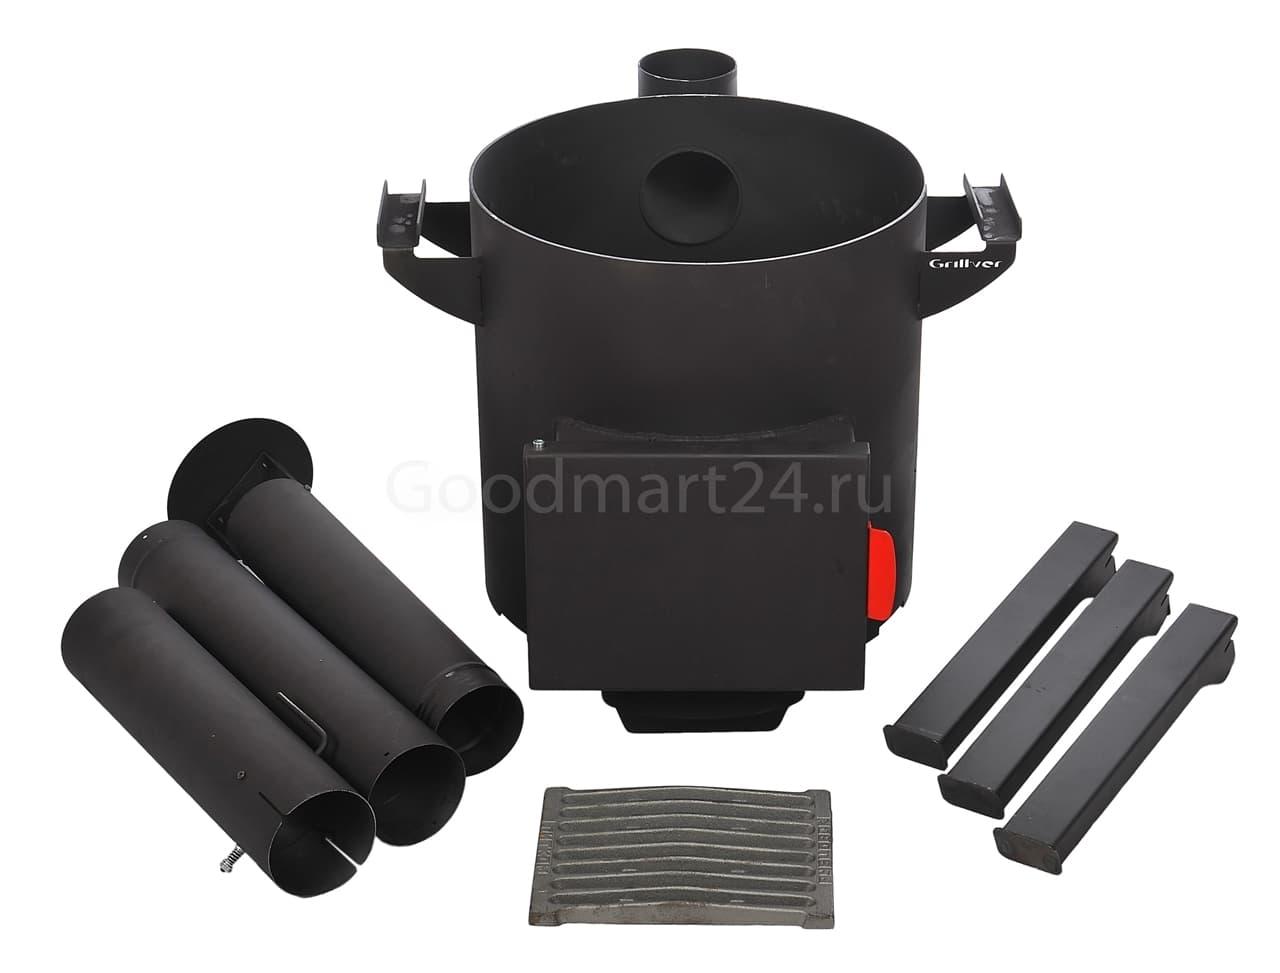 Узбекский чугунный казан 22 литра + печь c трубой, поддувалом Grillver 3 мм. - фото 7197